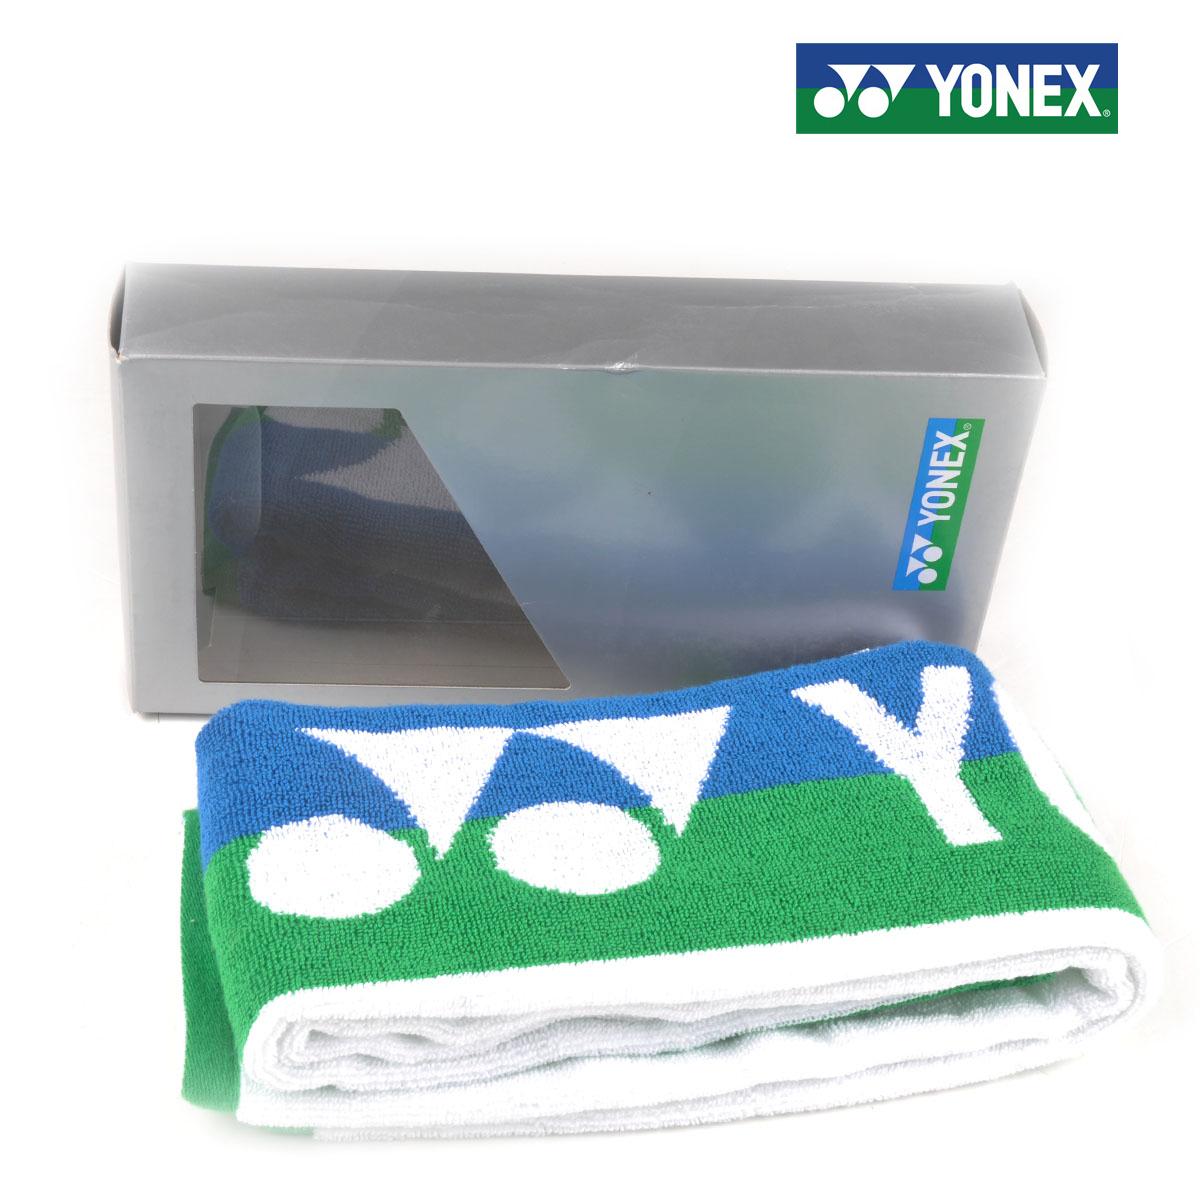 полотенце Yonex 406 YY AC406